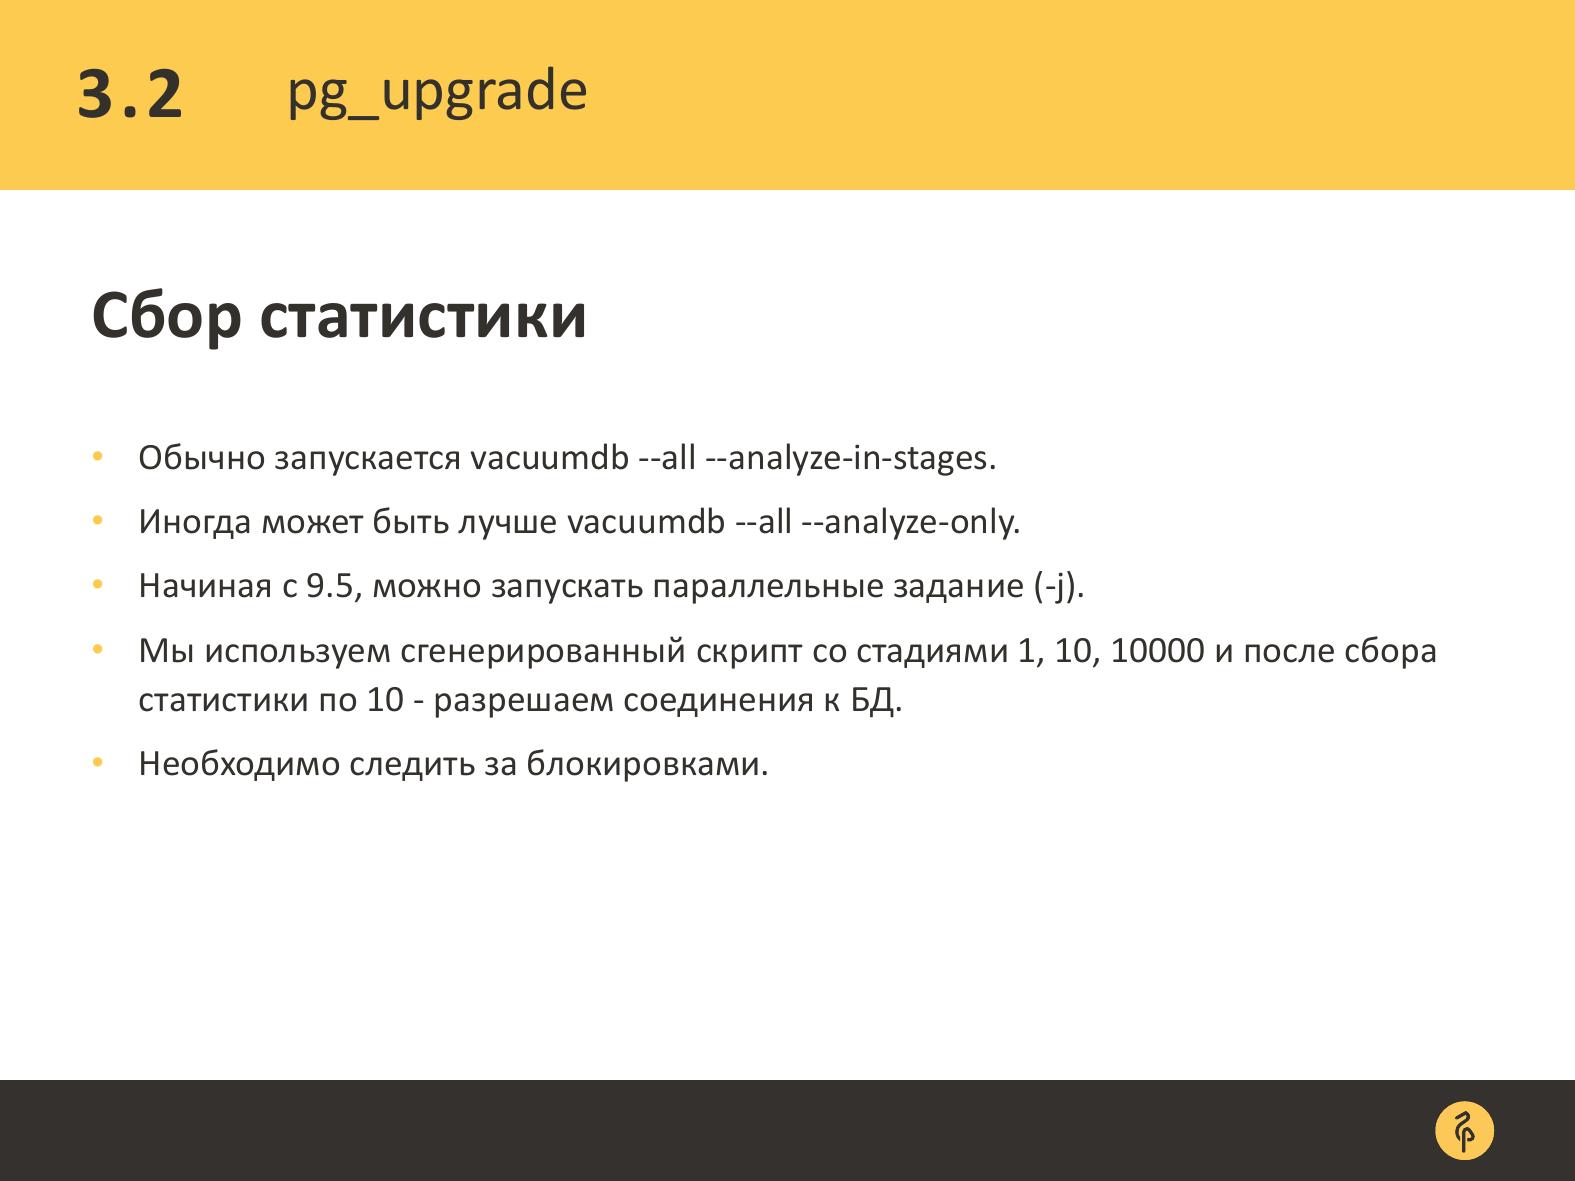 Практика обновления версий PostgreSQL. Андрей Сальников - 20